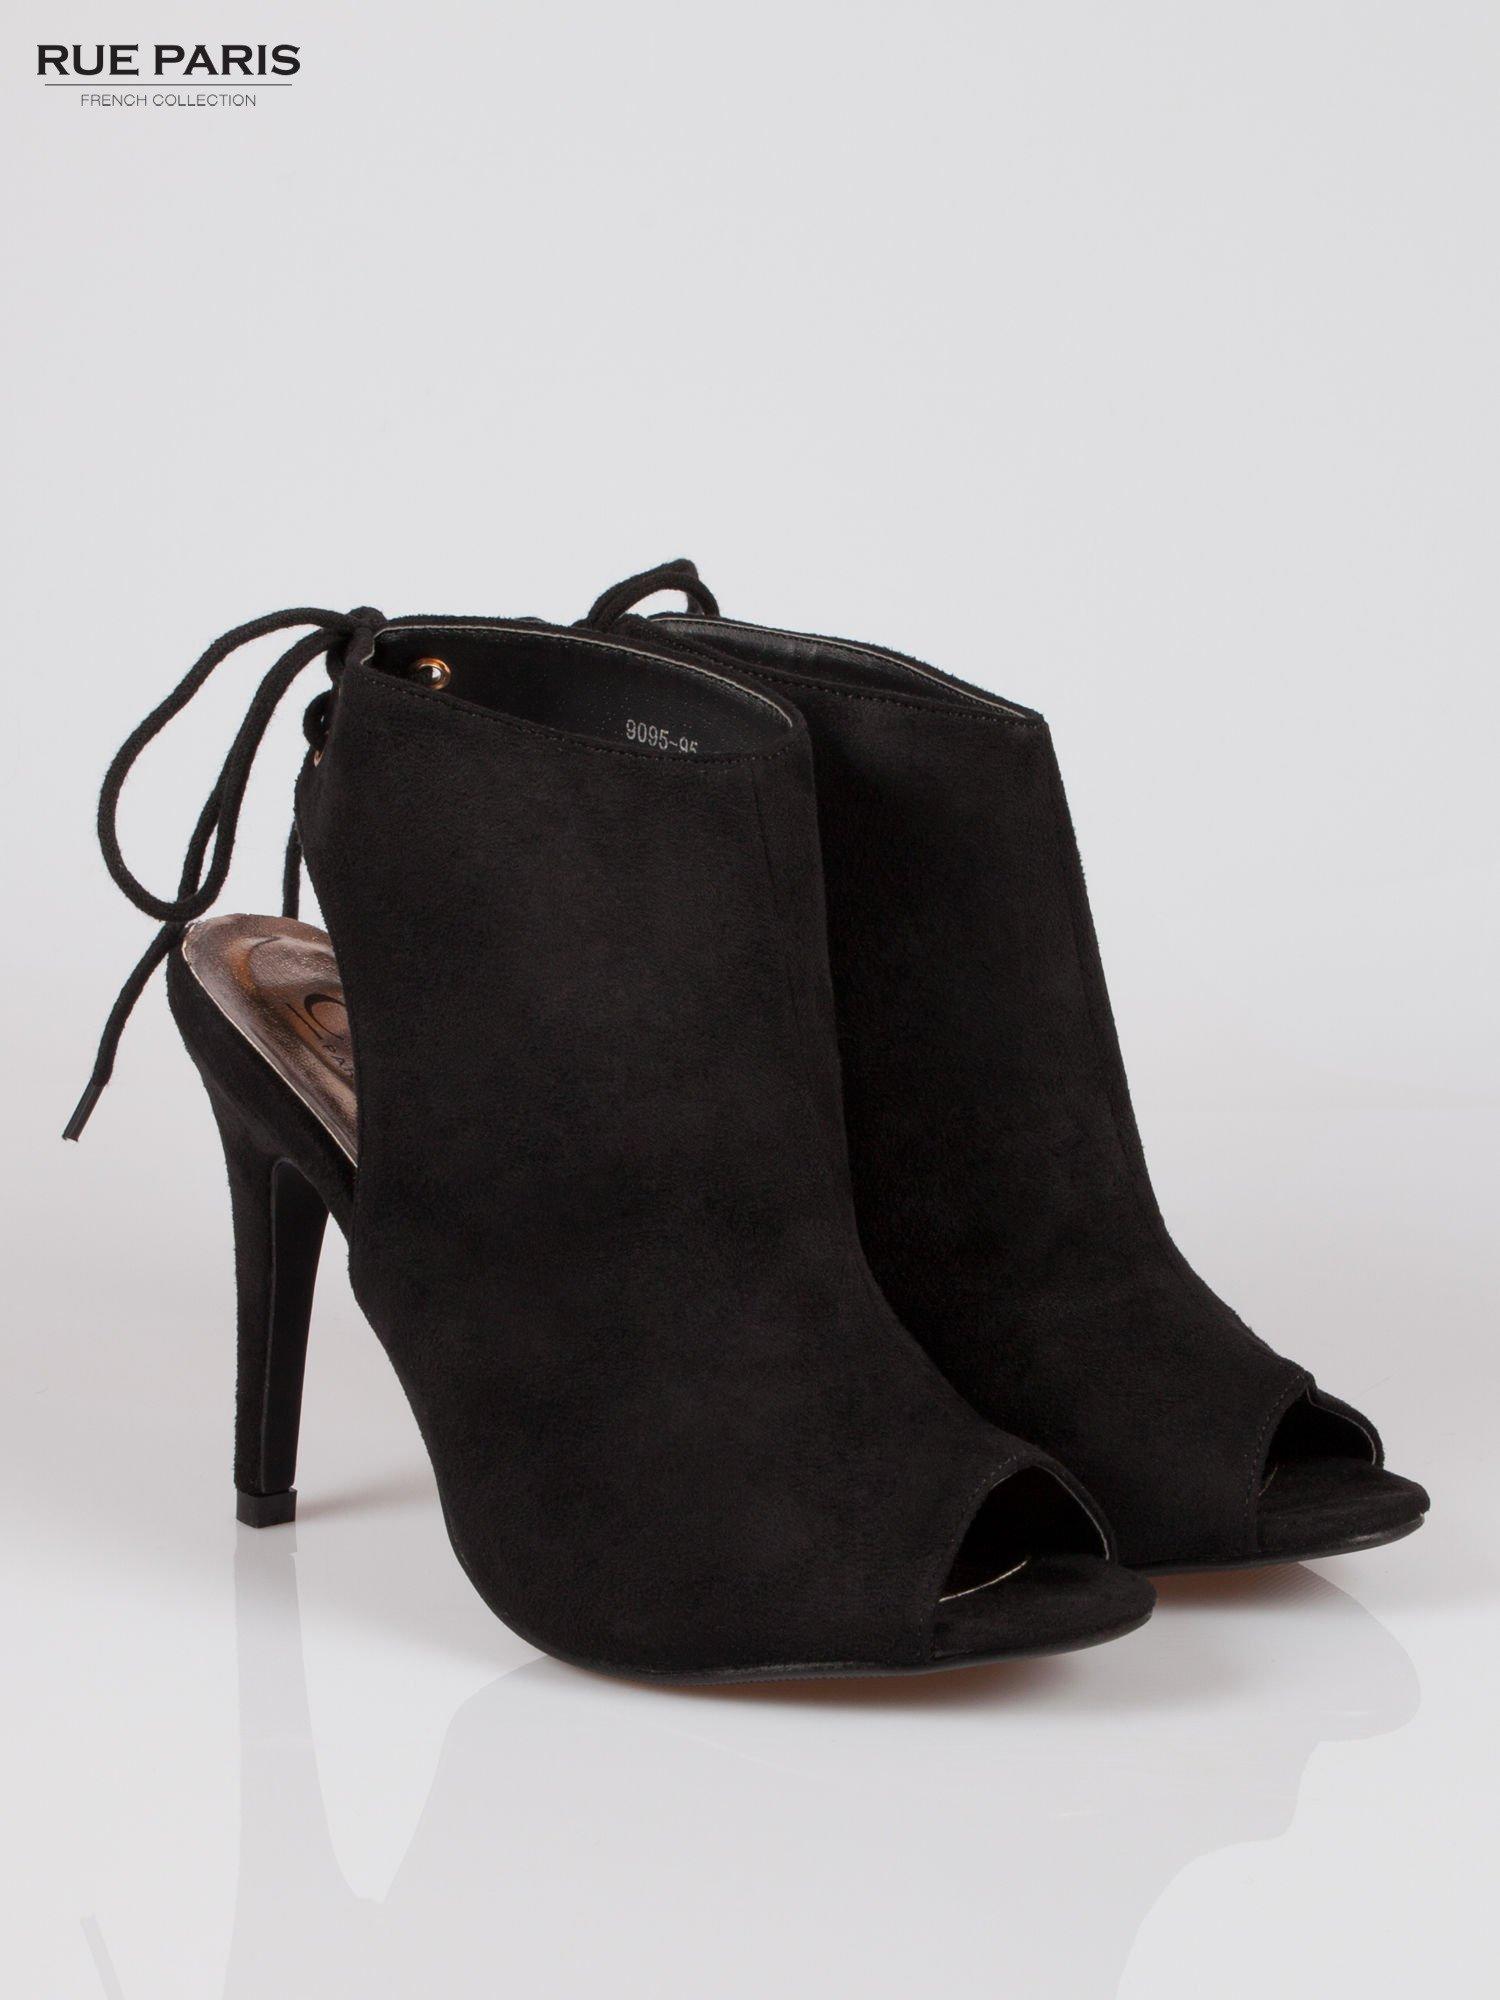 Czarne wiązane botki lace up z odkrytą piętą                                  zdj.                                  2